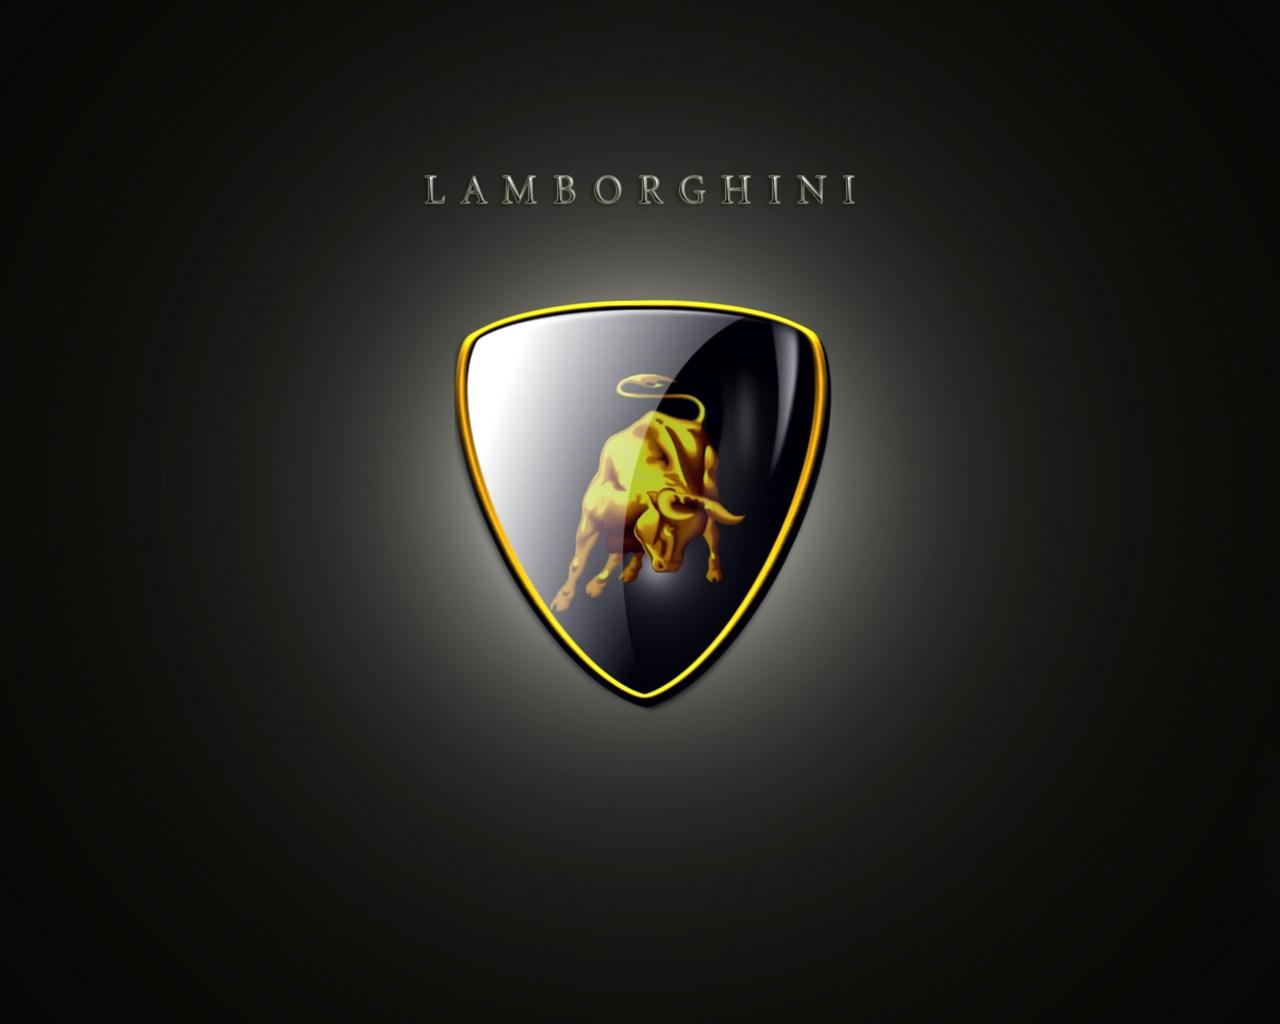 First car ideas lamborghini logos - Car logo wallpapers ...